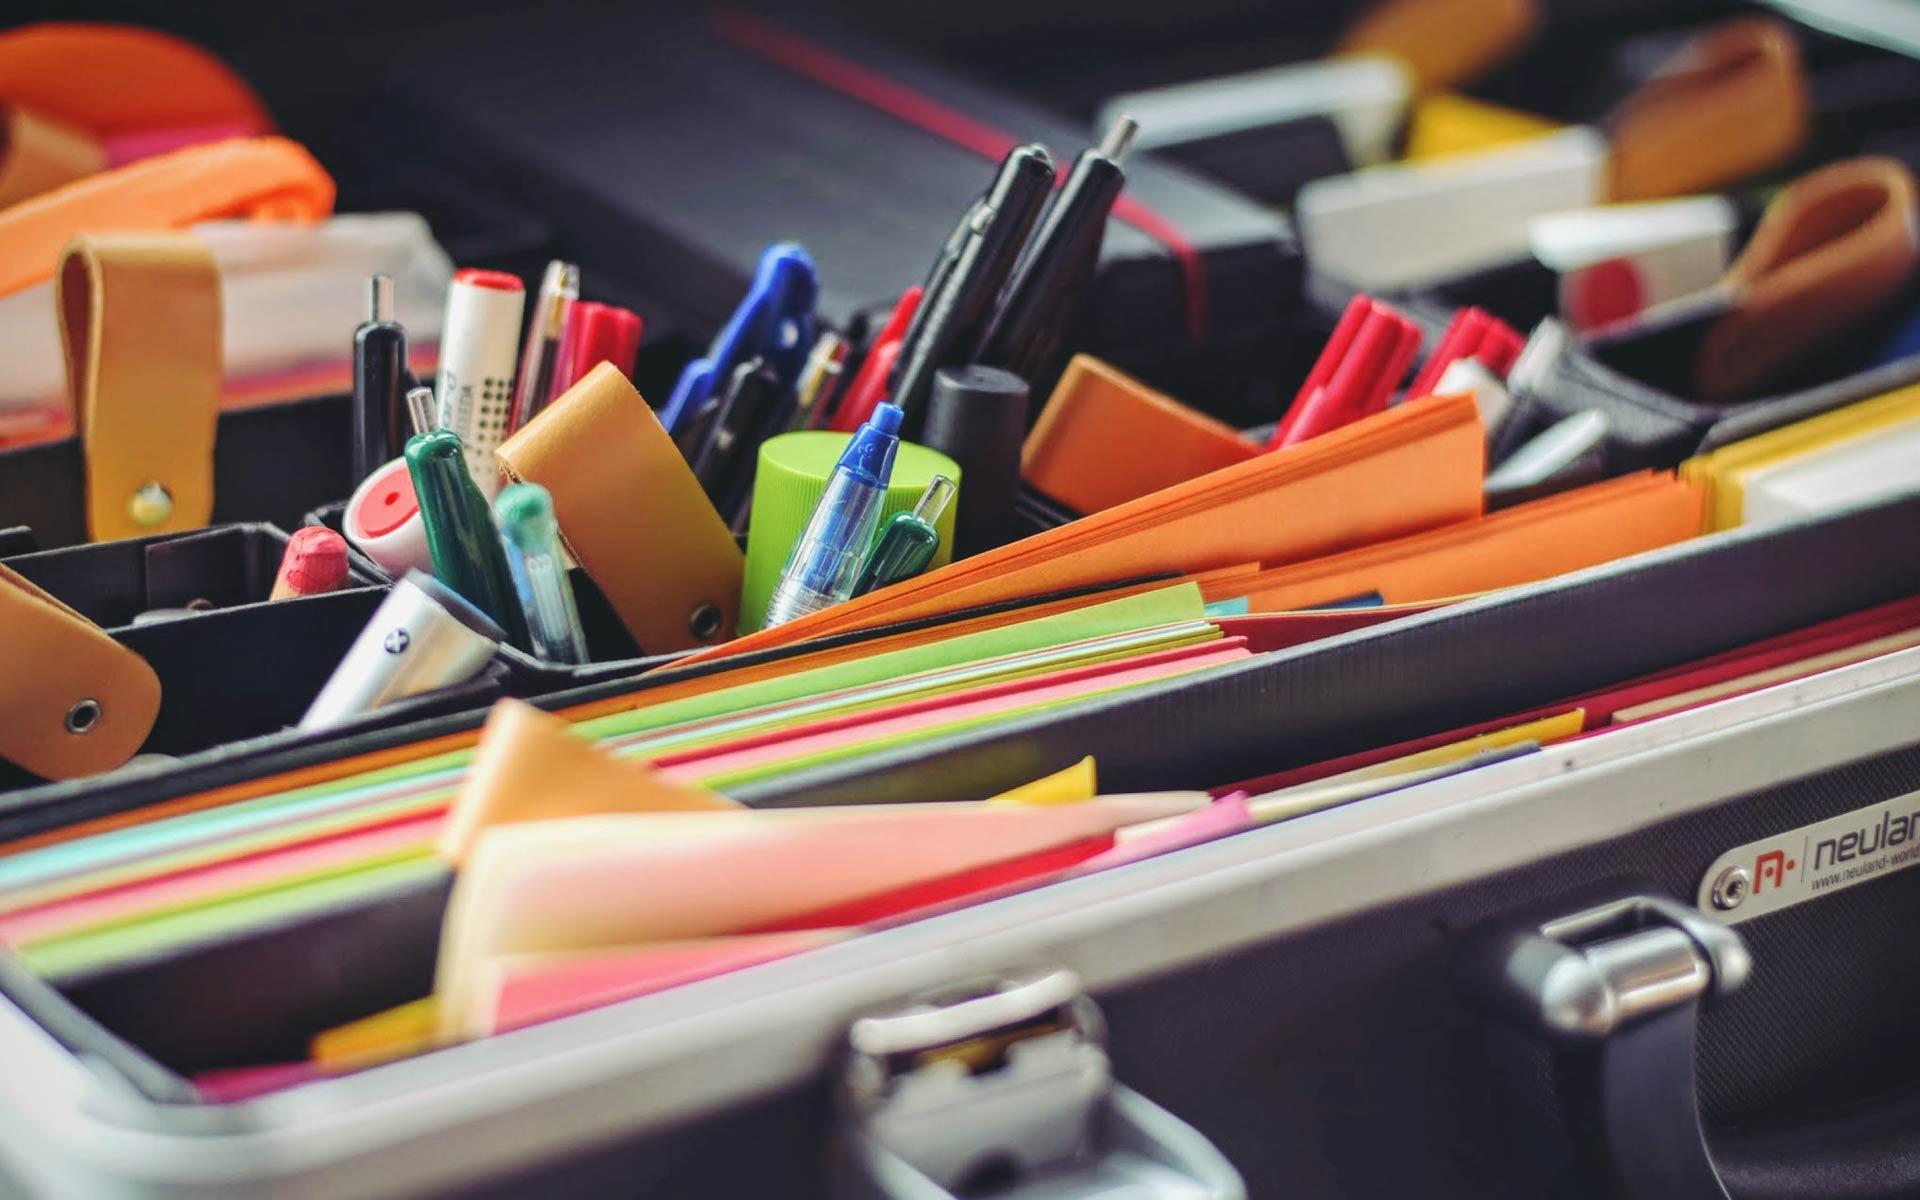 matter of design, ideation, idee, ideenfindung, ideenbildung, kreativität, lösungsfindung, marke, markensteuerung, markenführung, marketing, menschen, wissen